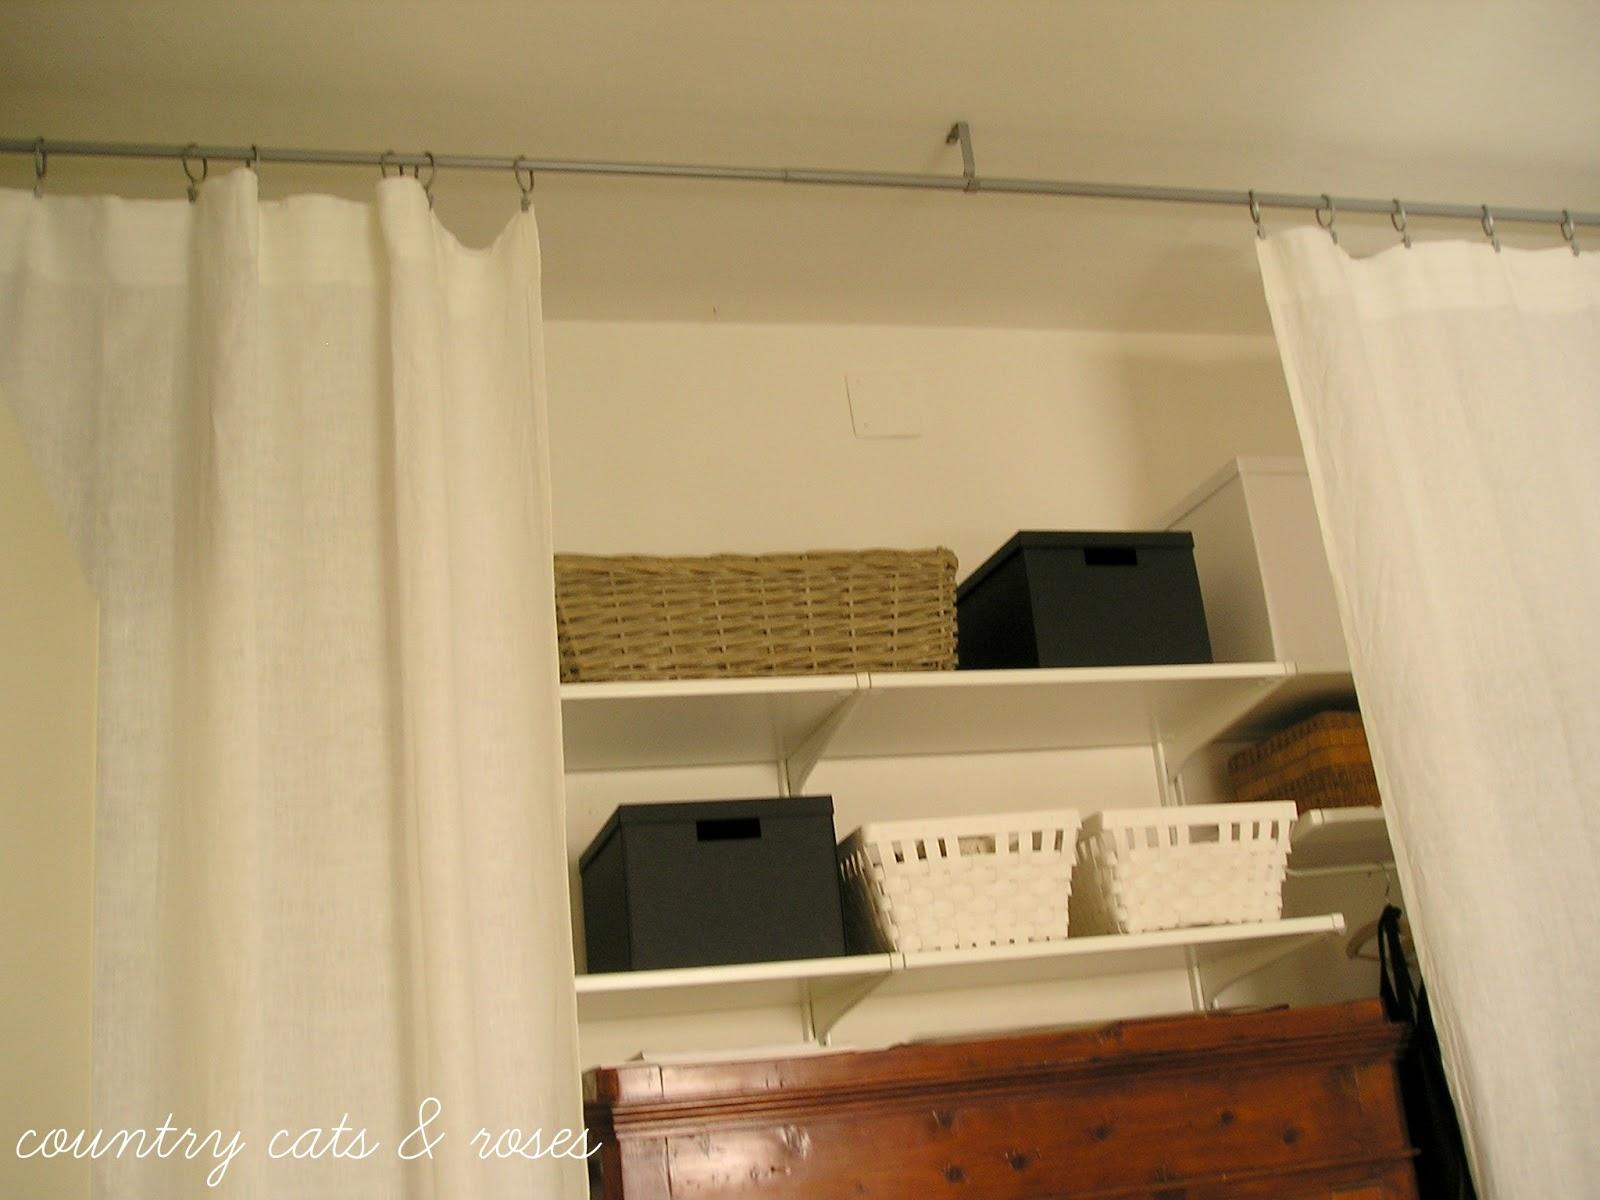 Countrycatsandroses stile nuovo in casa parte 2 tende e tessuti x dividere gli spazi - Bastone appendiabiti ikea ...